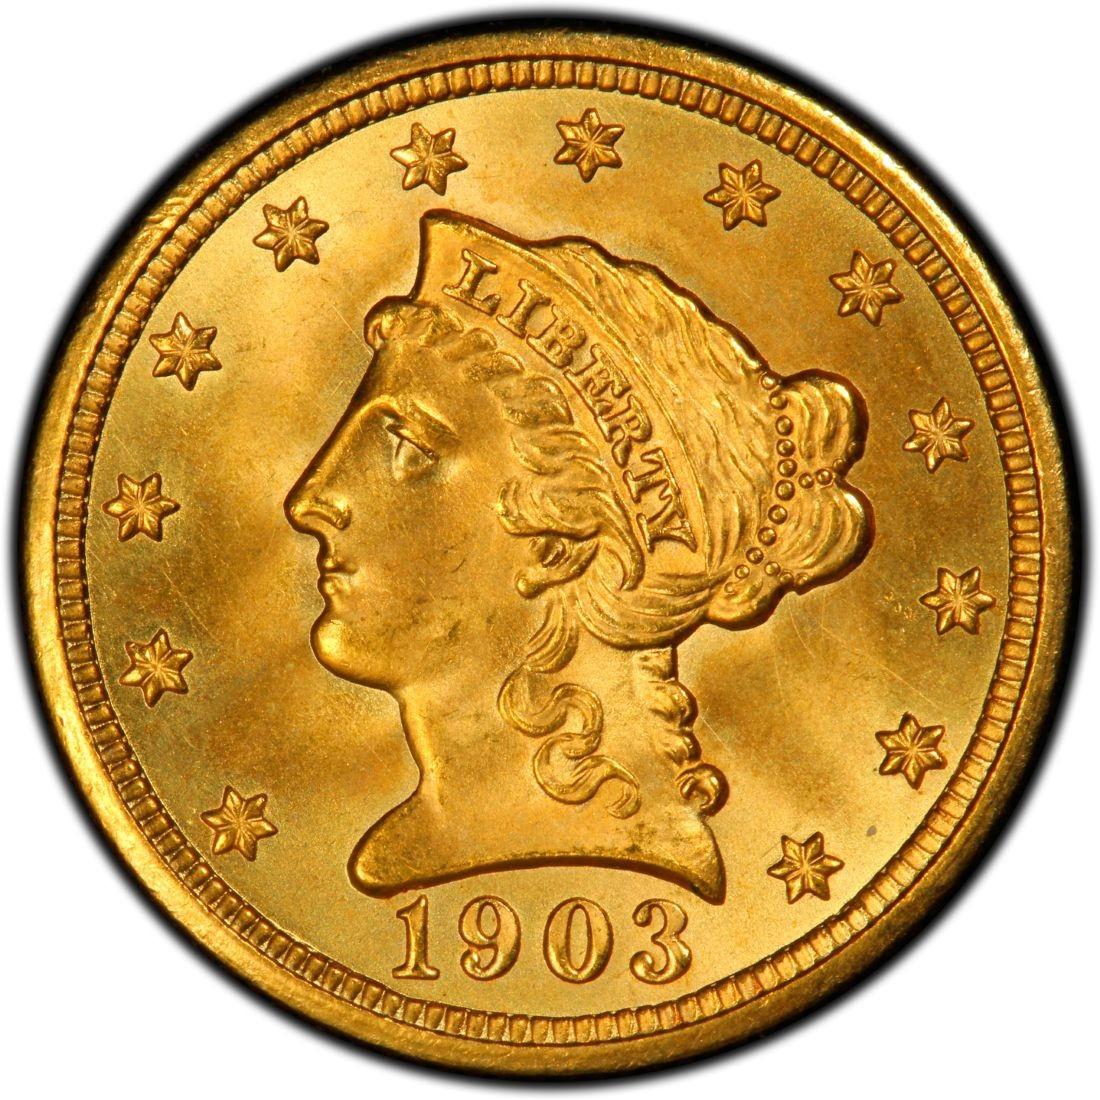 1903 coin